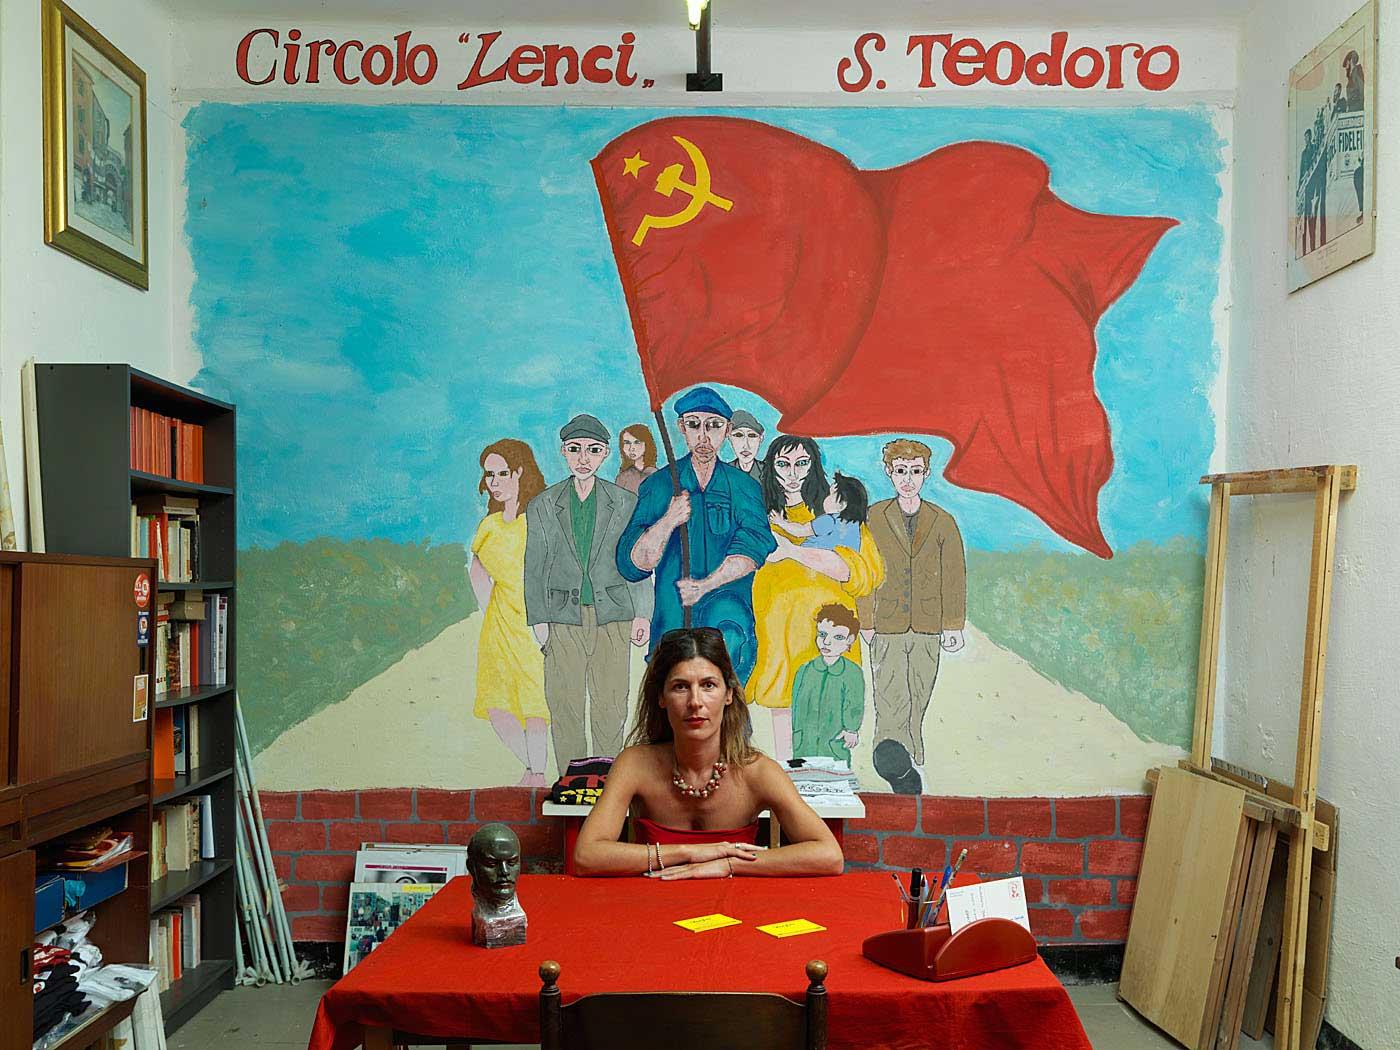 Party militant Laura Vari in the Partito Rifondazione Comunista (PRC) office in San Teodoro in Genoa, Italy.